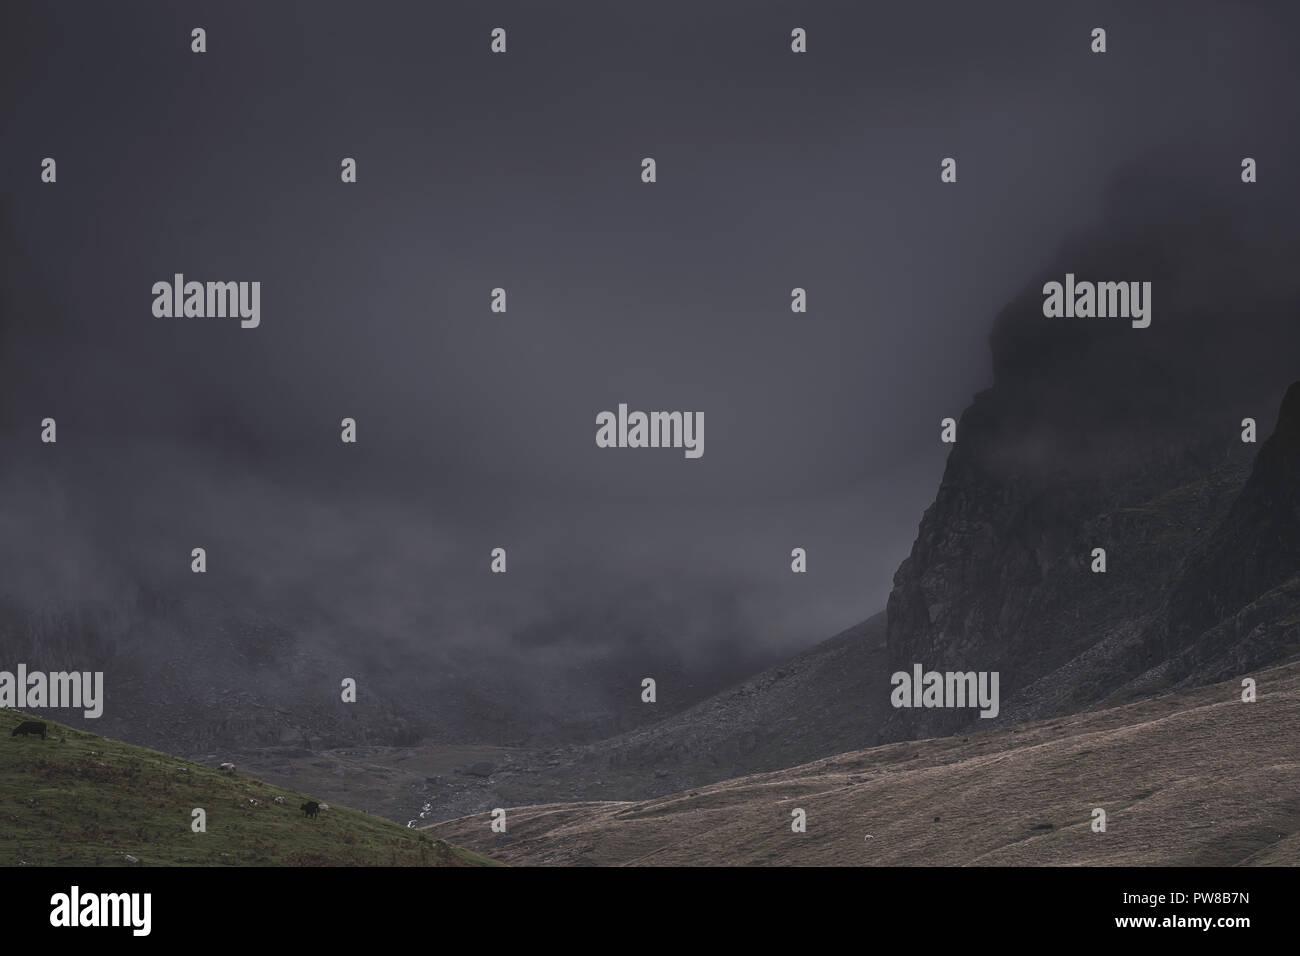 Meteo Uk.nuvole scure su picchi di montagna in Cumbria,North West England.drammatico paesaggio, condizioni meteorologiche estreme.scuro e moody.montagne di nebbia. Foto Stock